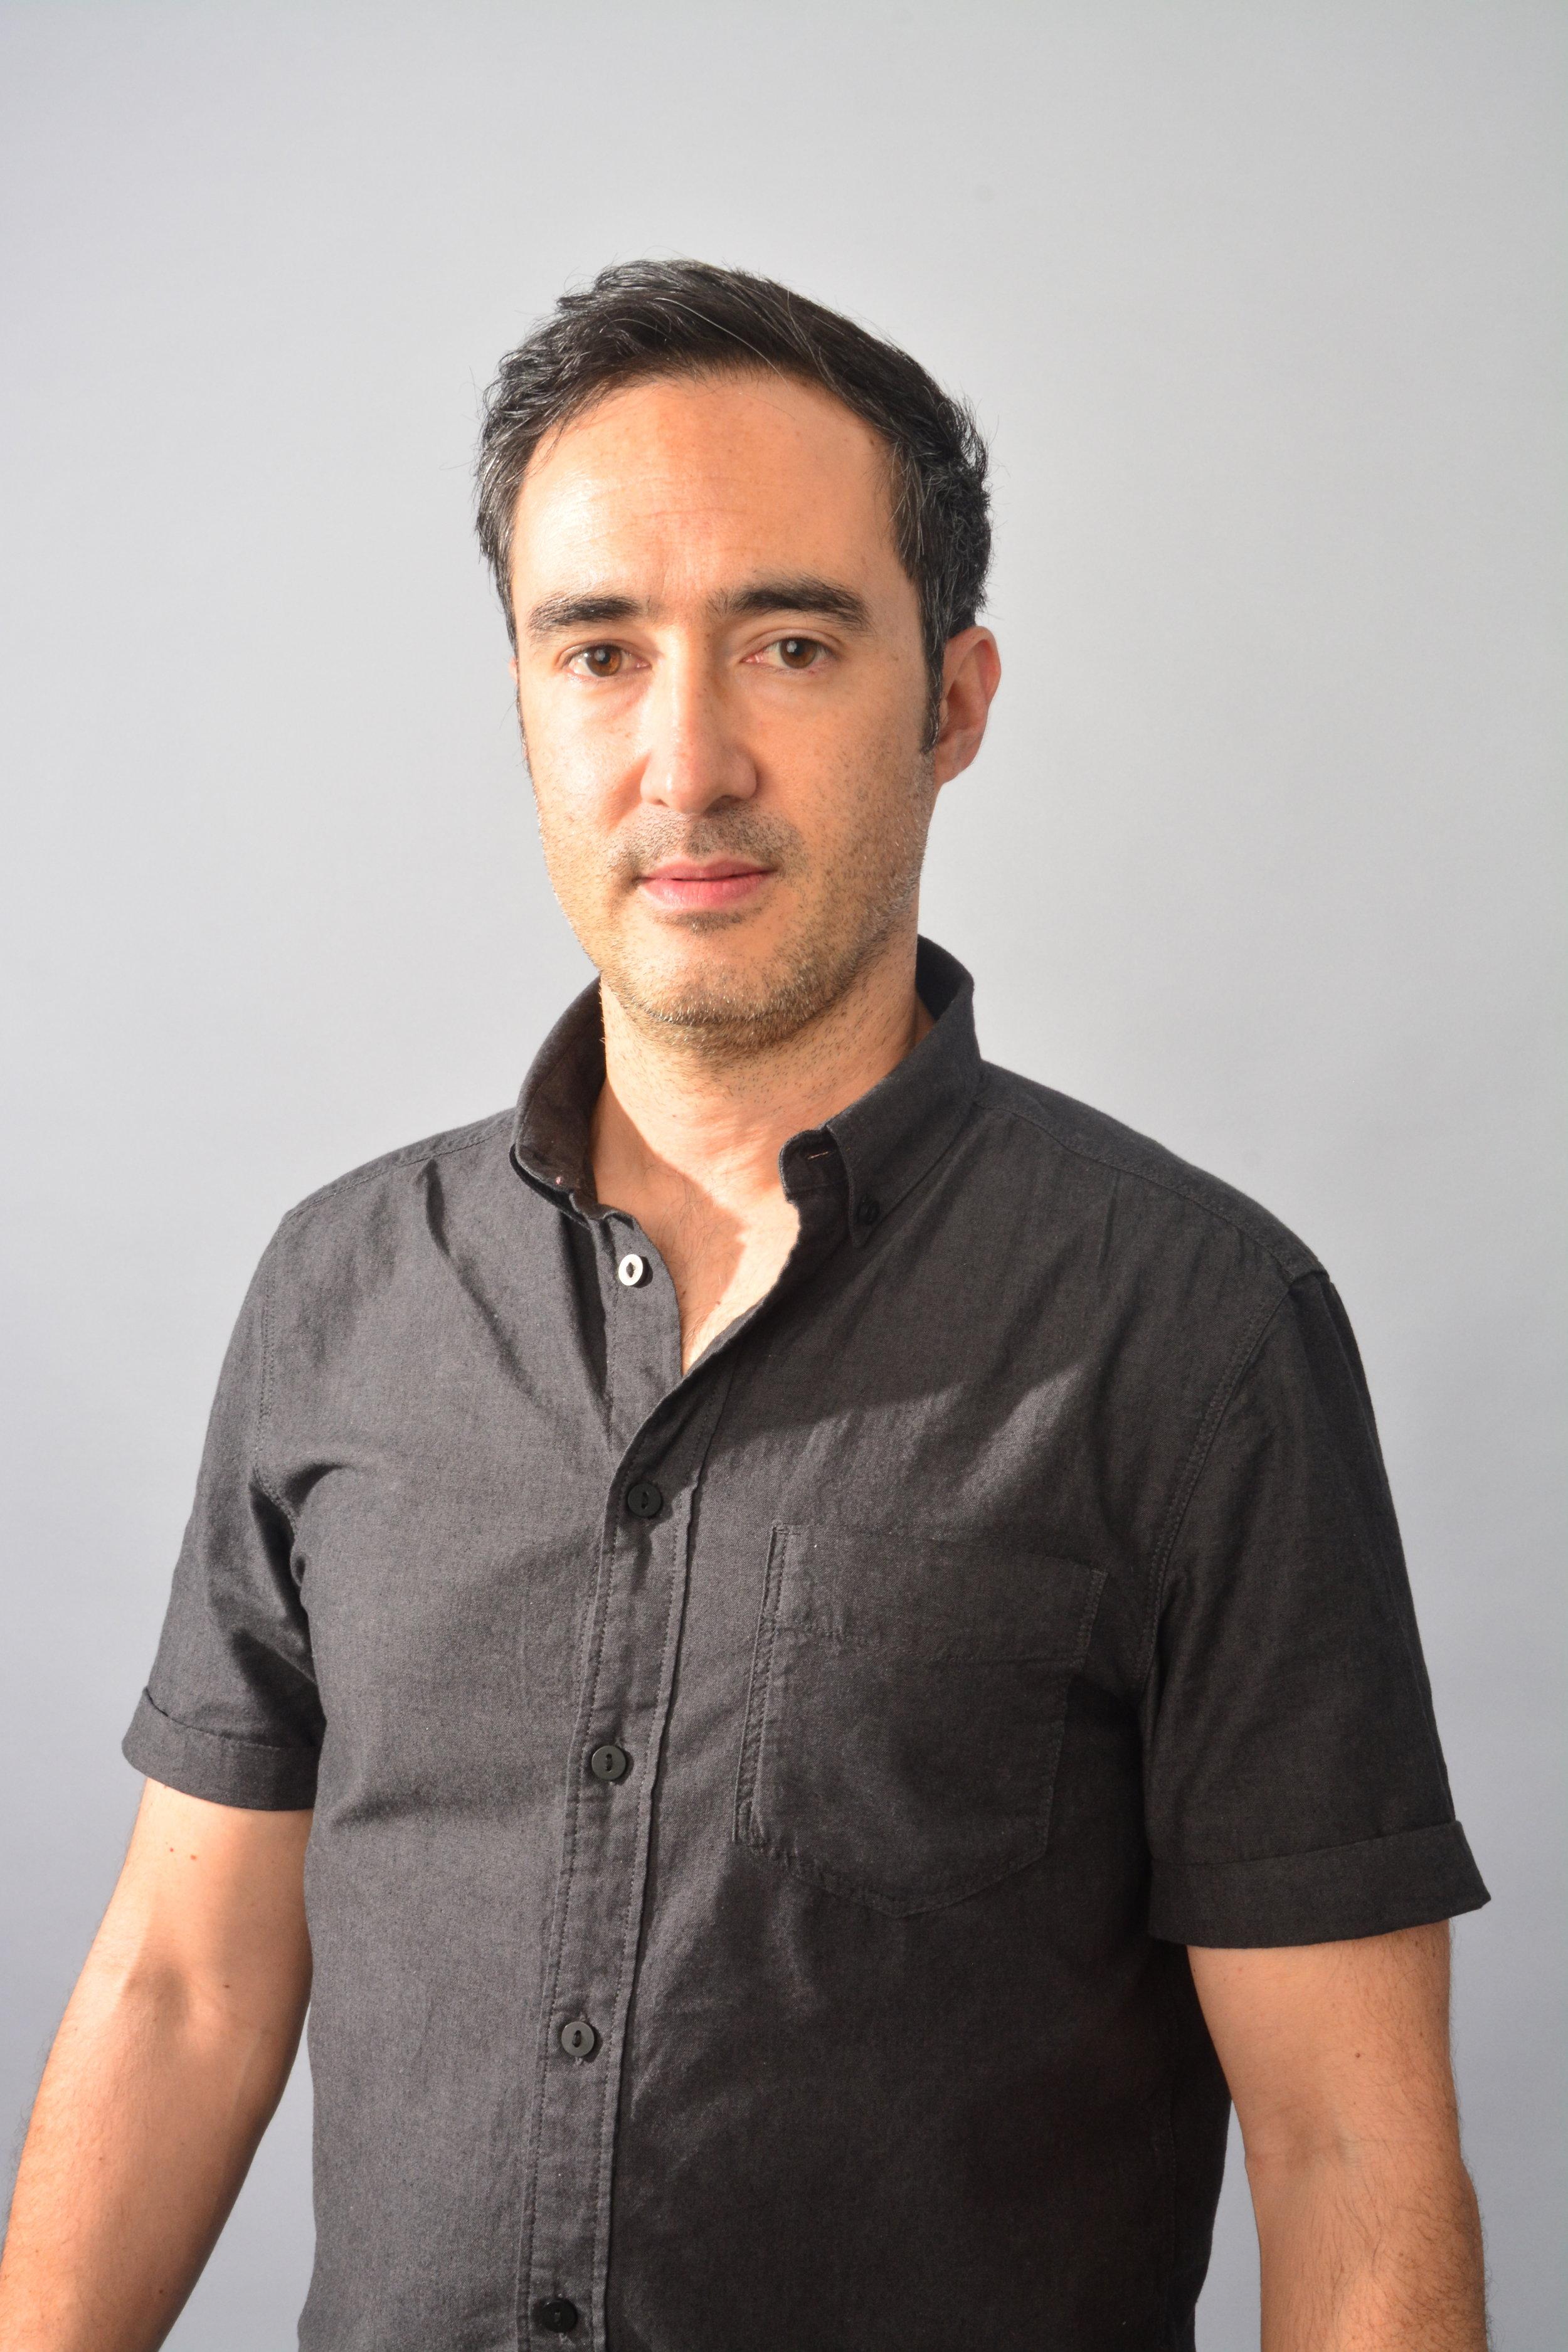 Chris Astilla